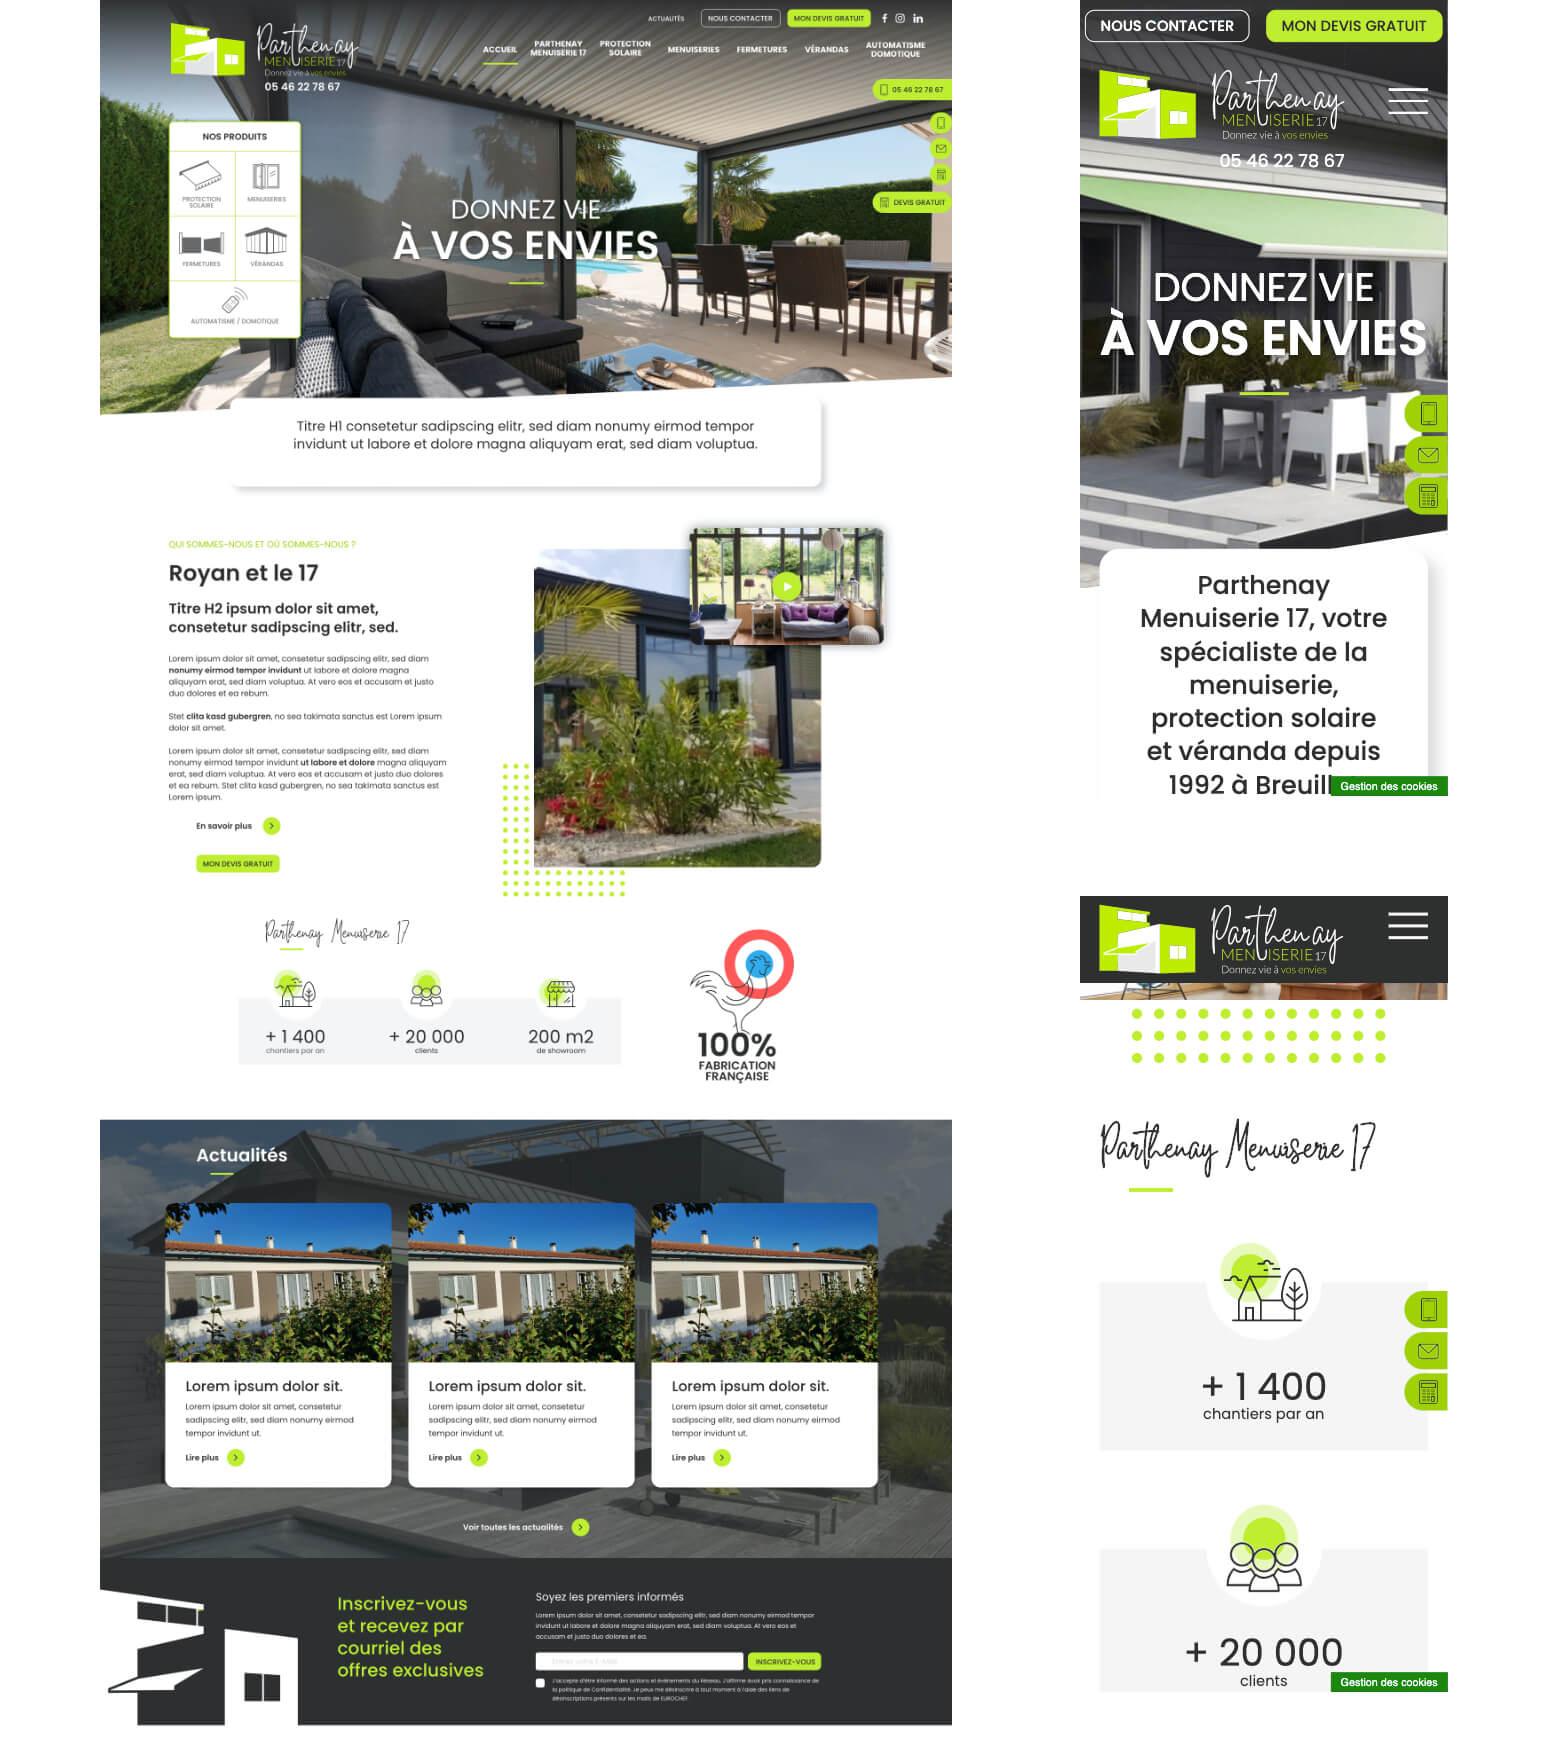 home-site-vitrine-parthenay-menuiserie-17